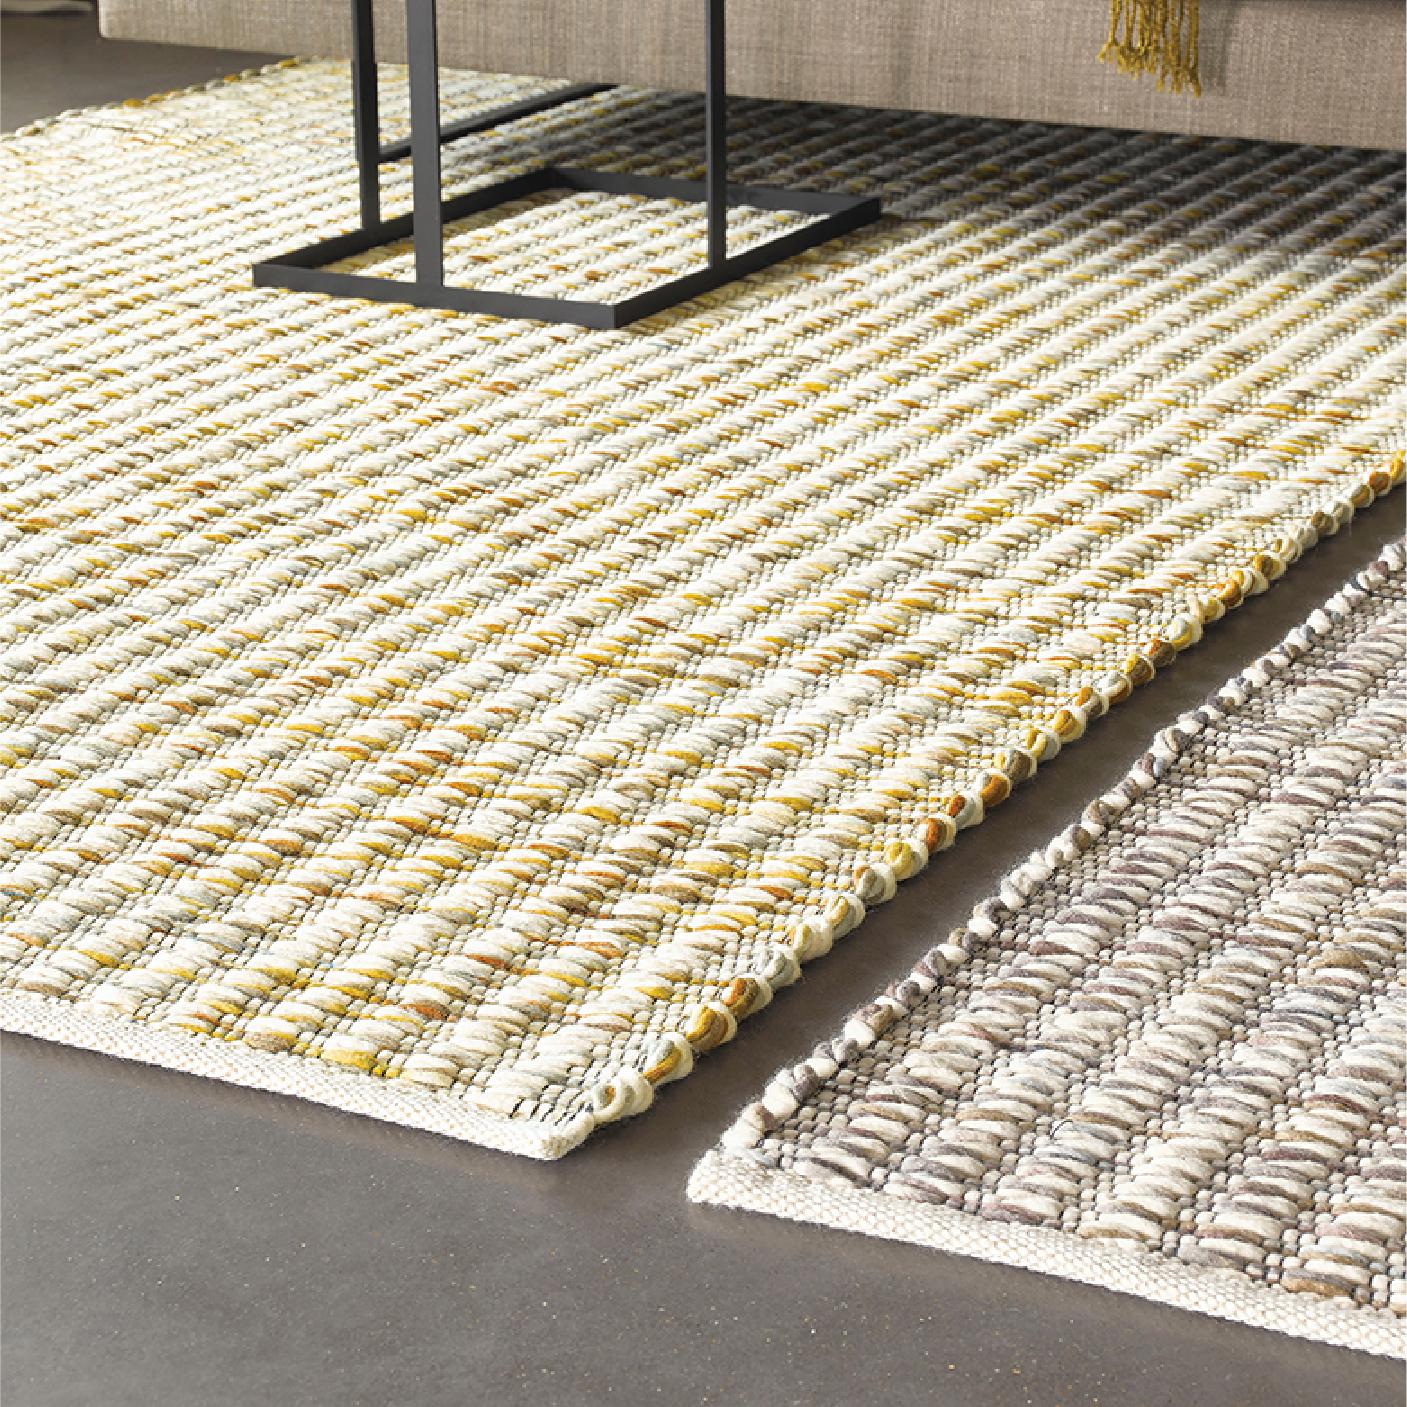 Tat Ming Flooring B&C